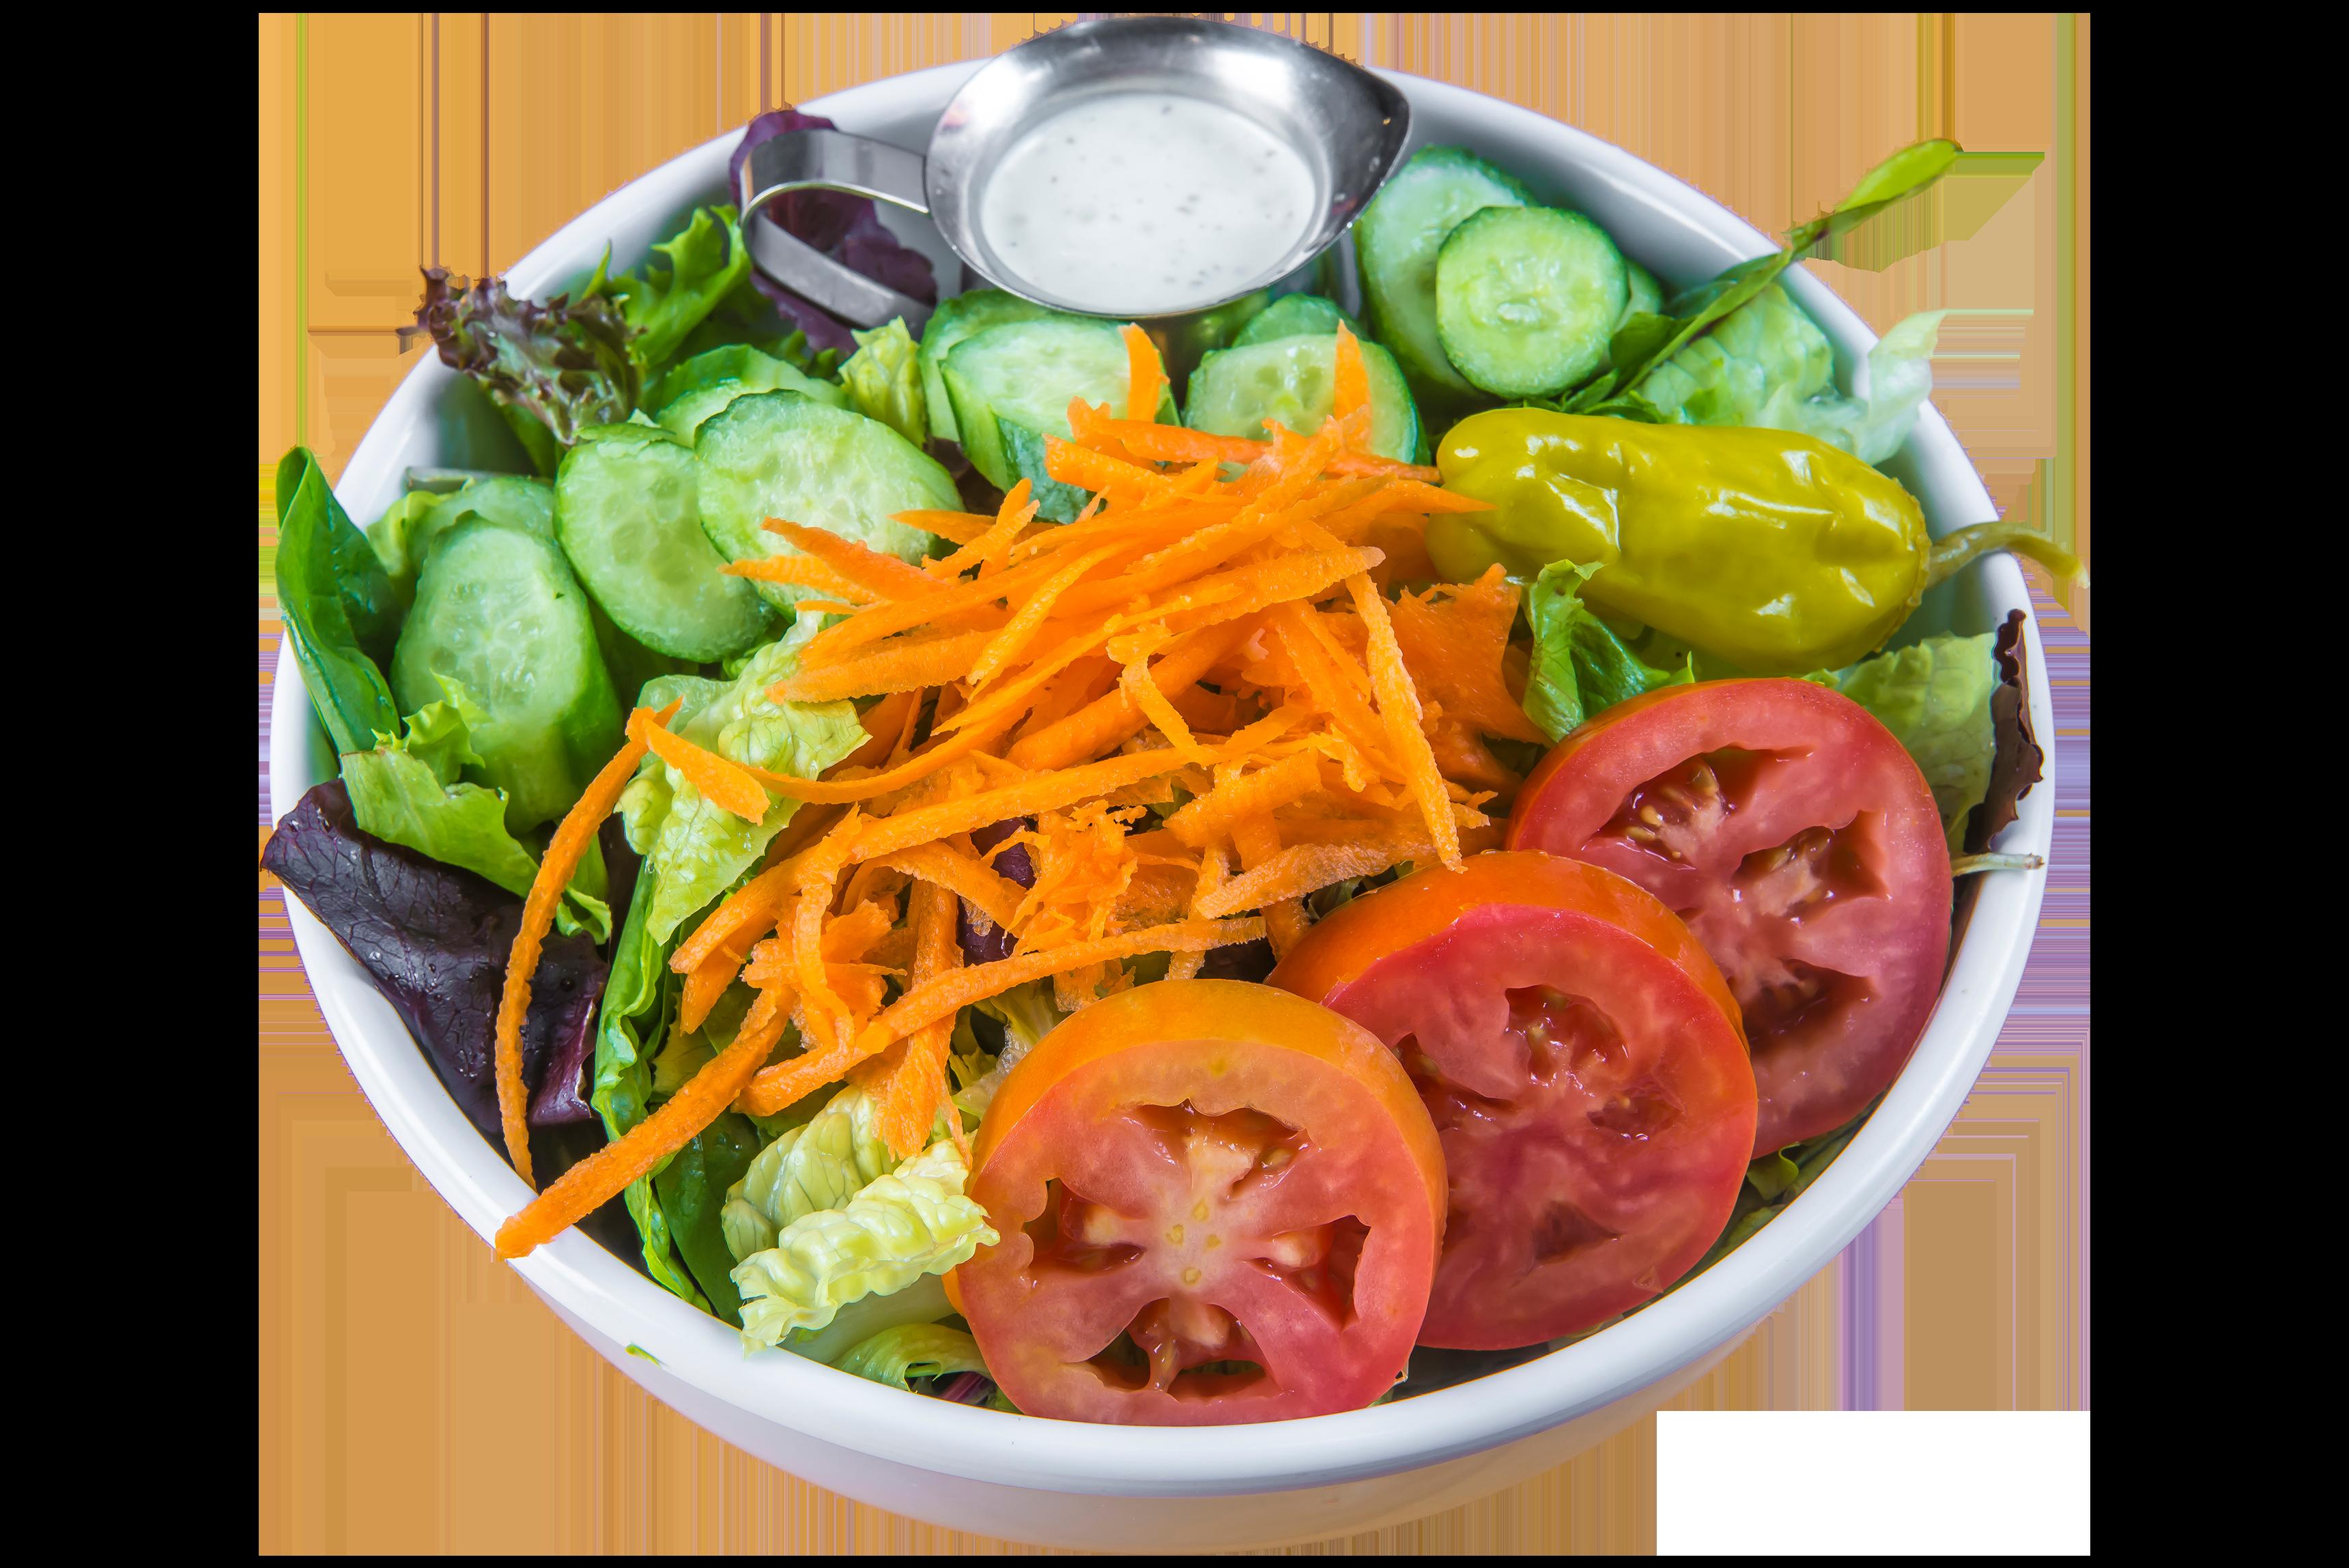 pita cafe garden salad transparent